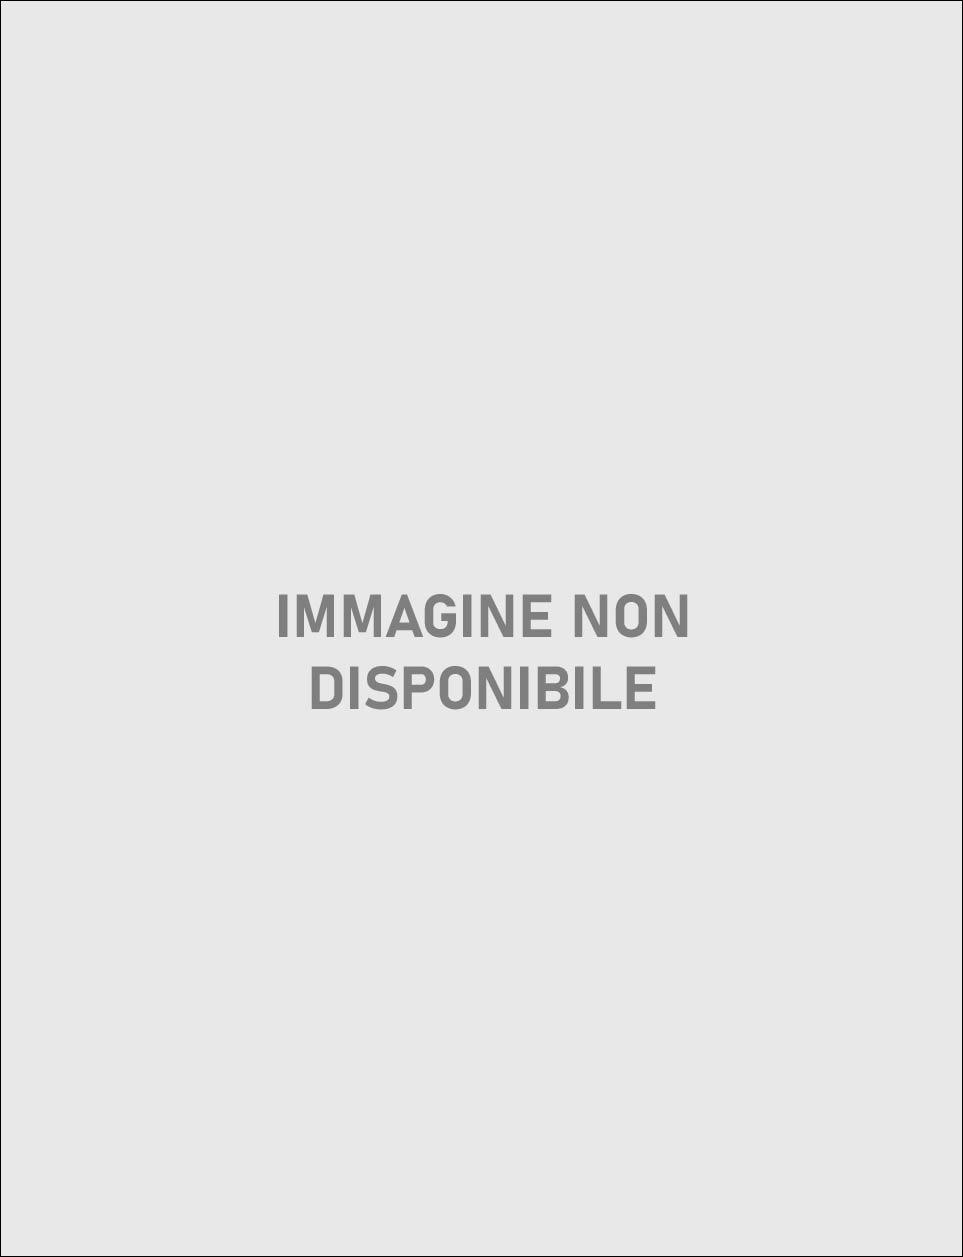 Maglione di CachemirecoloreRosso